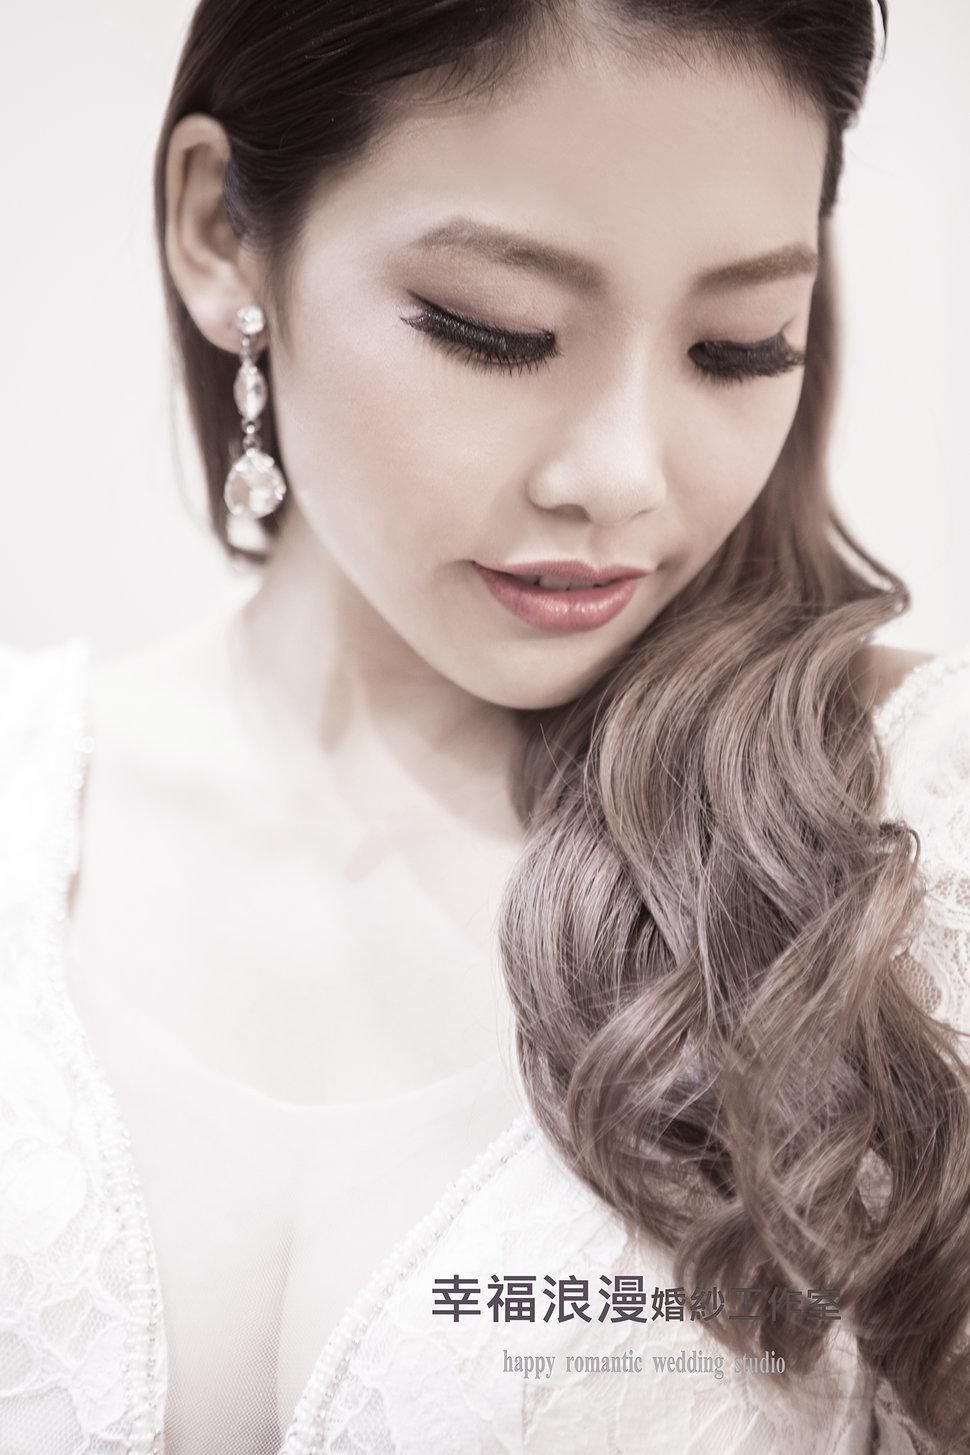 5G3A2542-1 - 幸福浪漫婚紗工作室 韓式婚紗攝影《結婚吧》